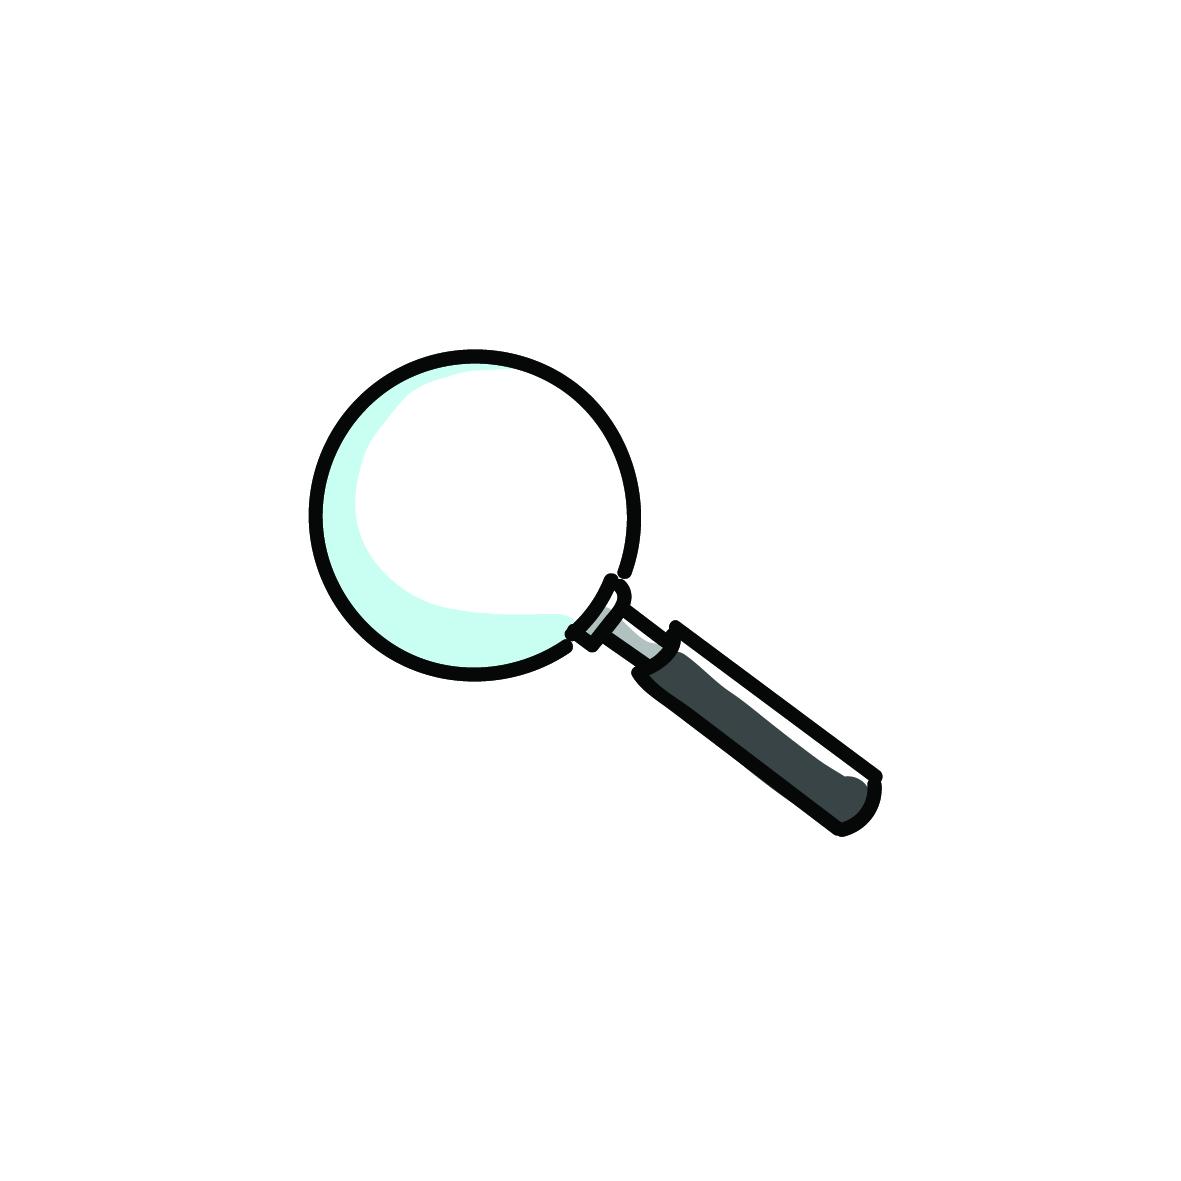 Analyse_Analysis